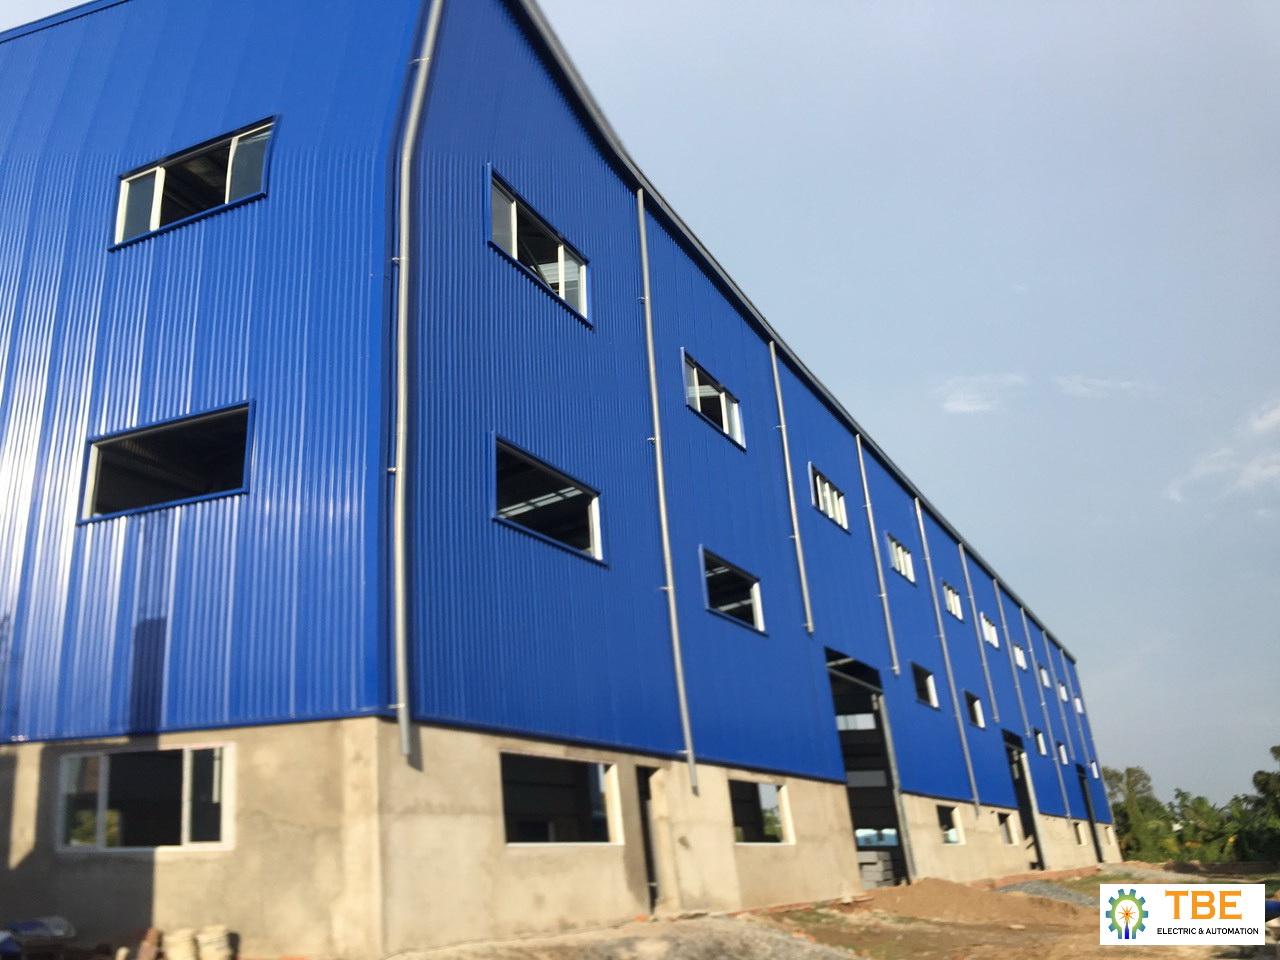 Cung cấp và lắp đặt hệ thống M & E  Côn trình nhà ở Sáu Phúc kết hợp nhà xưởng sản xuất